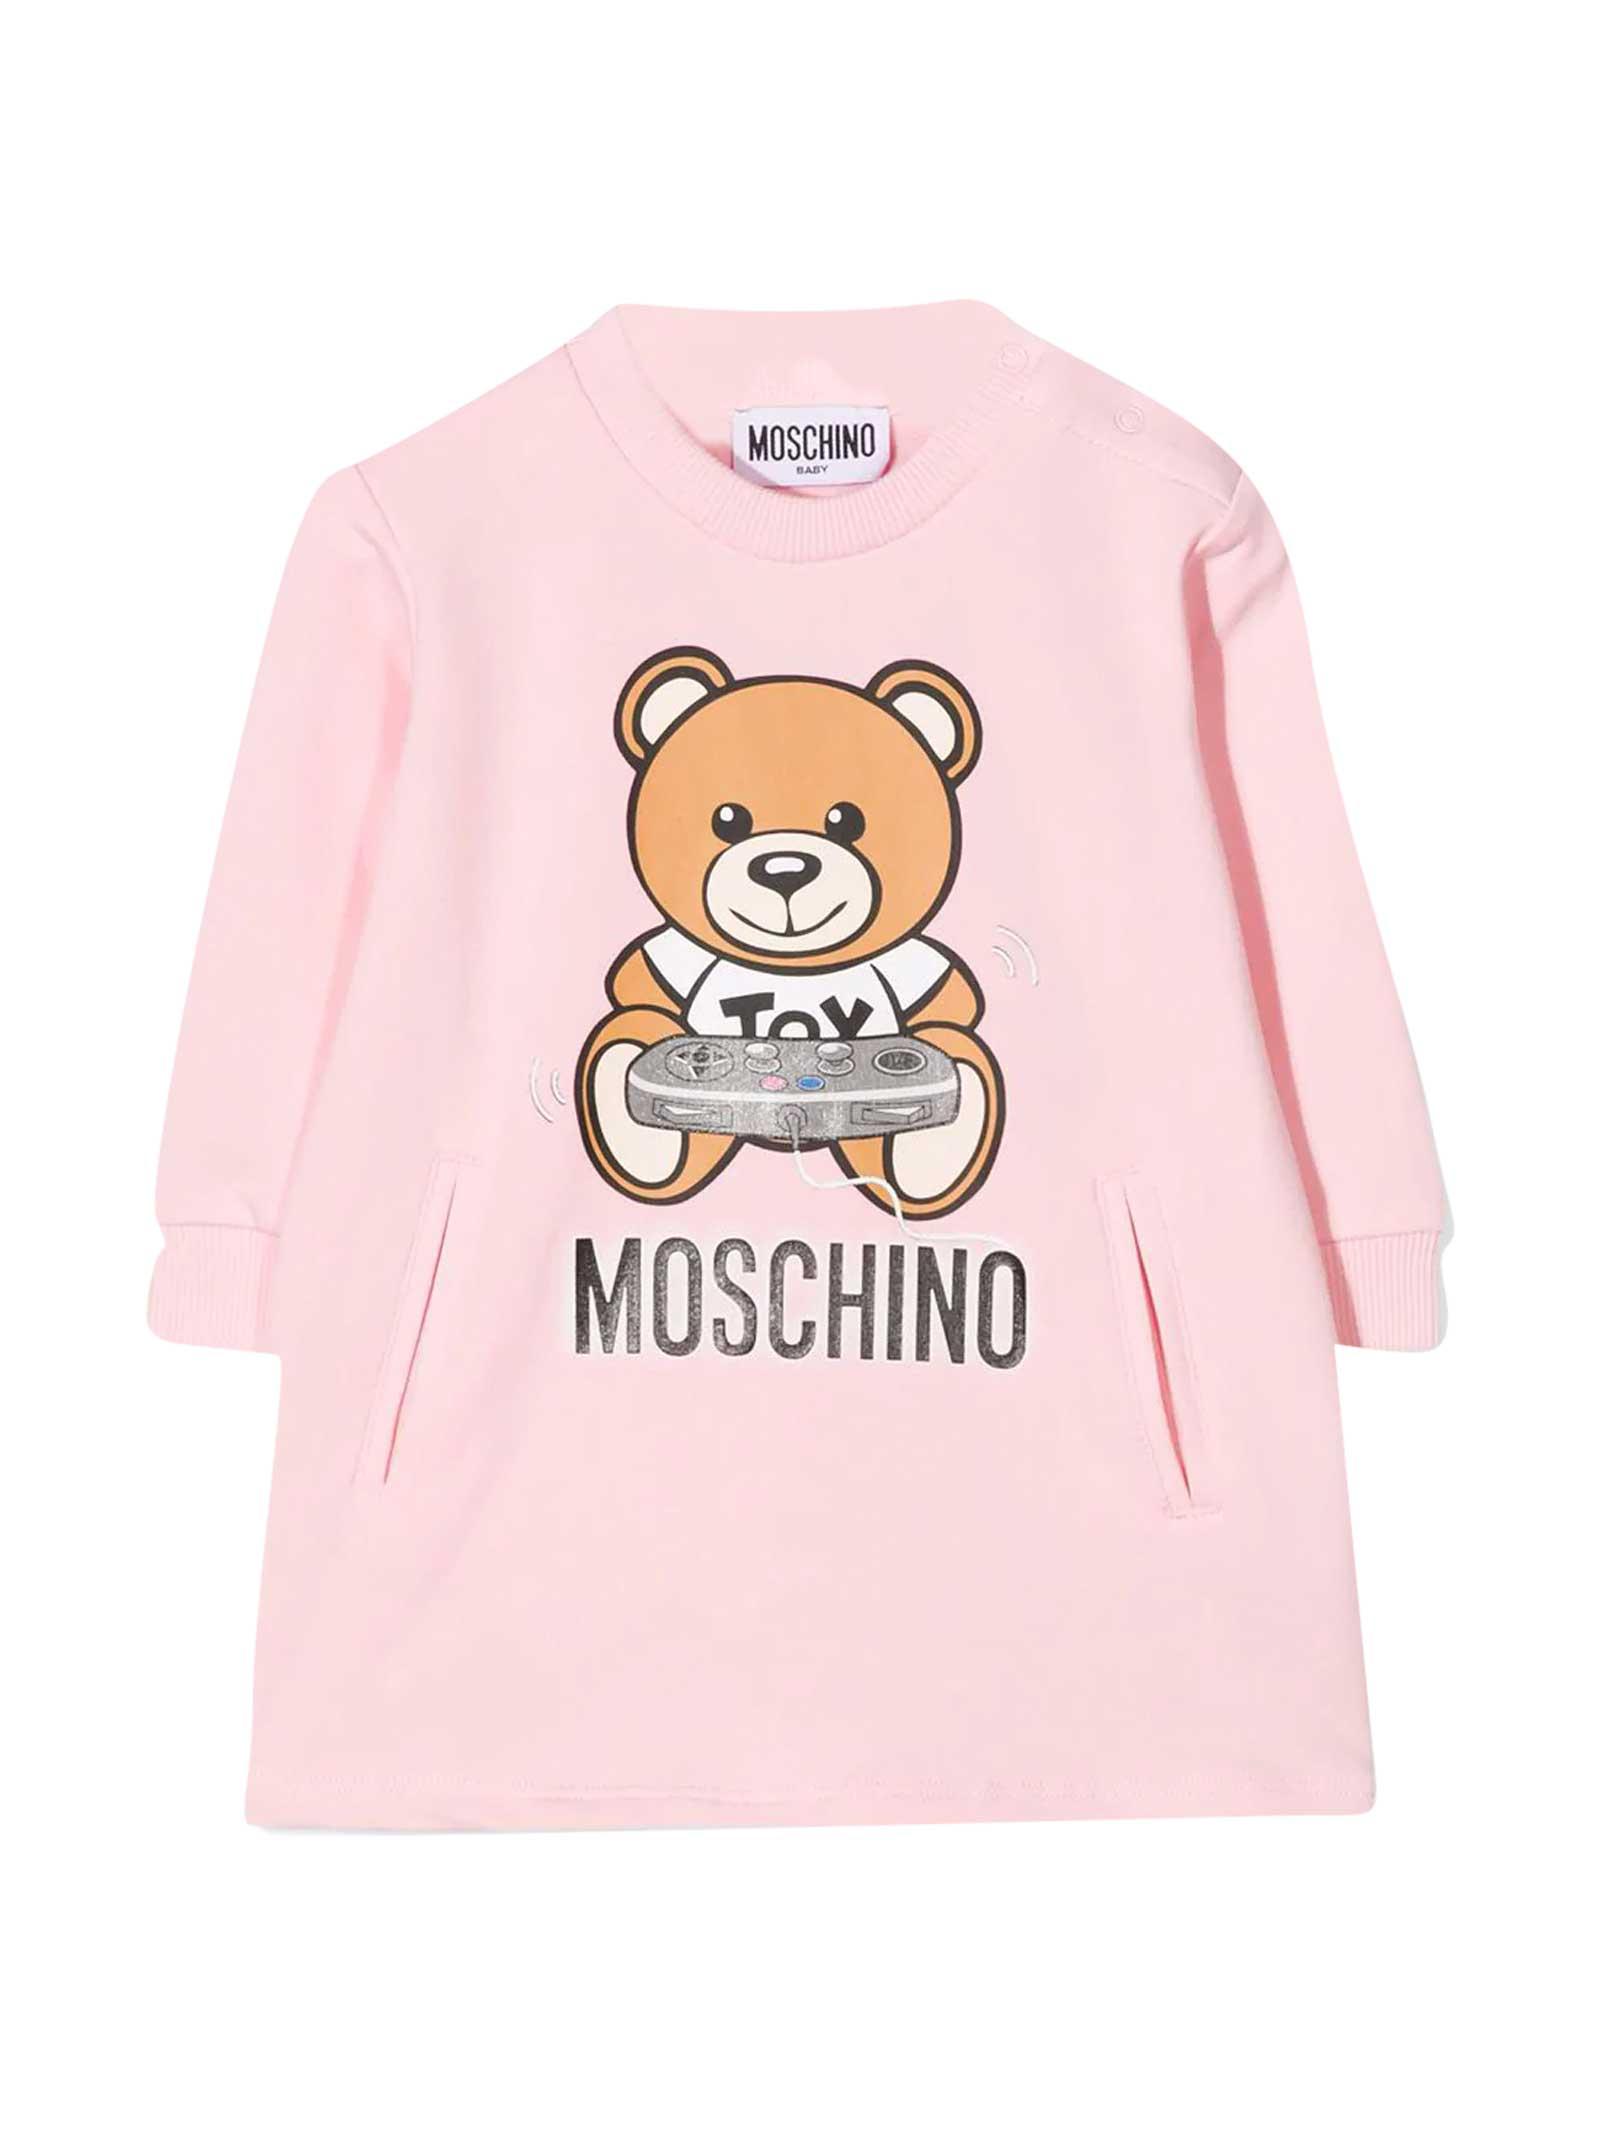 MOSCHINO PINK SWEATSHIRT DRESS